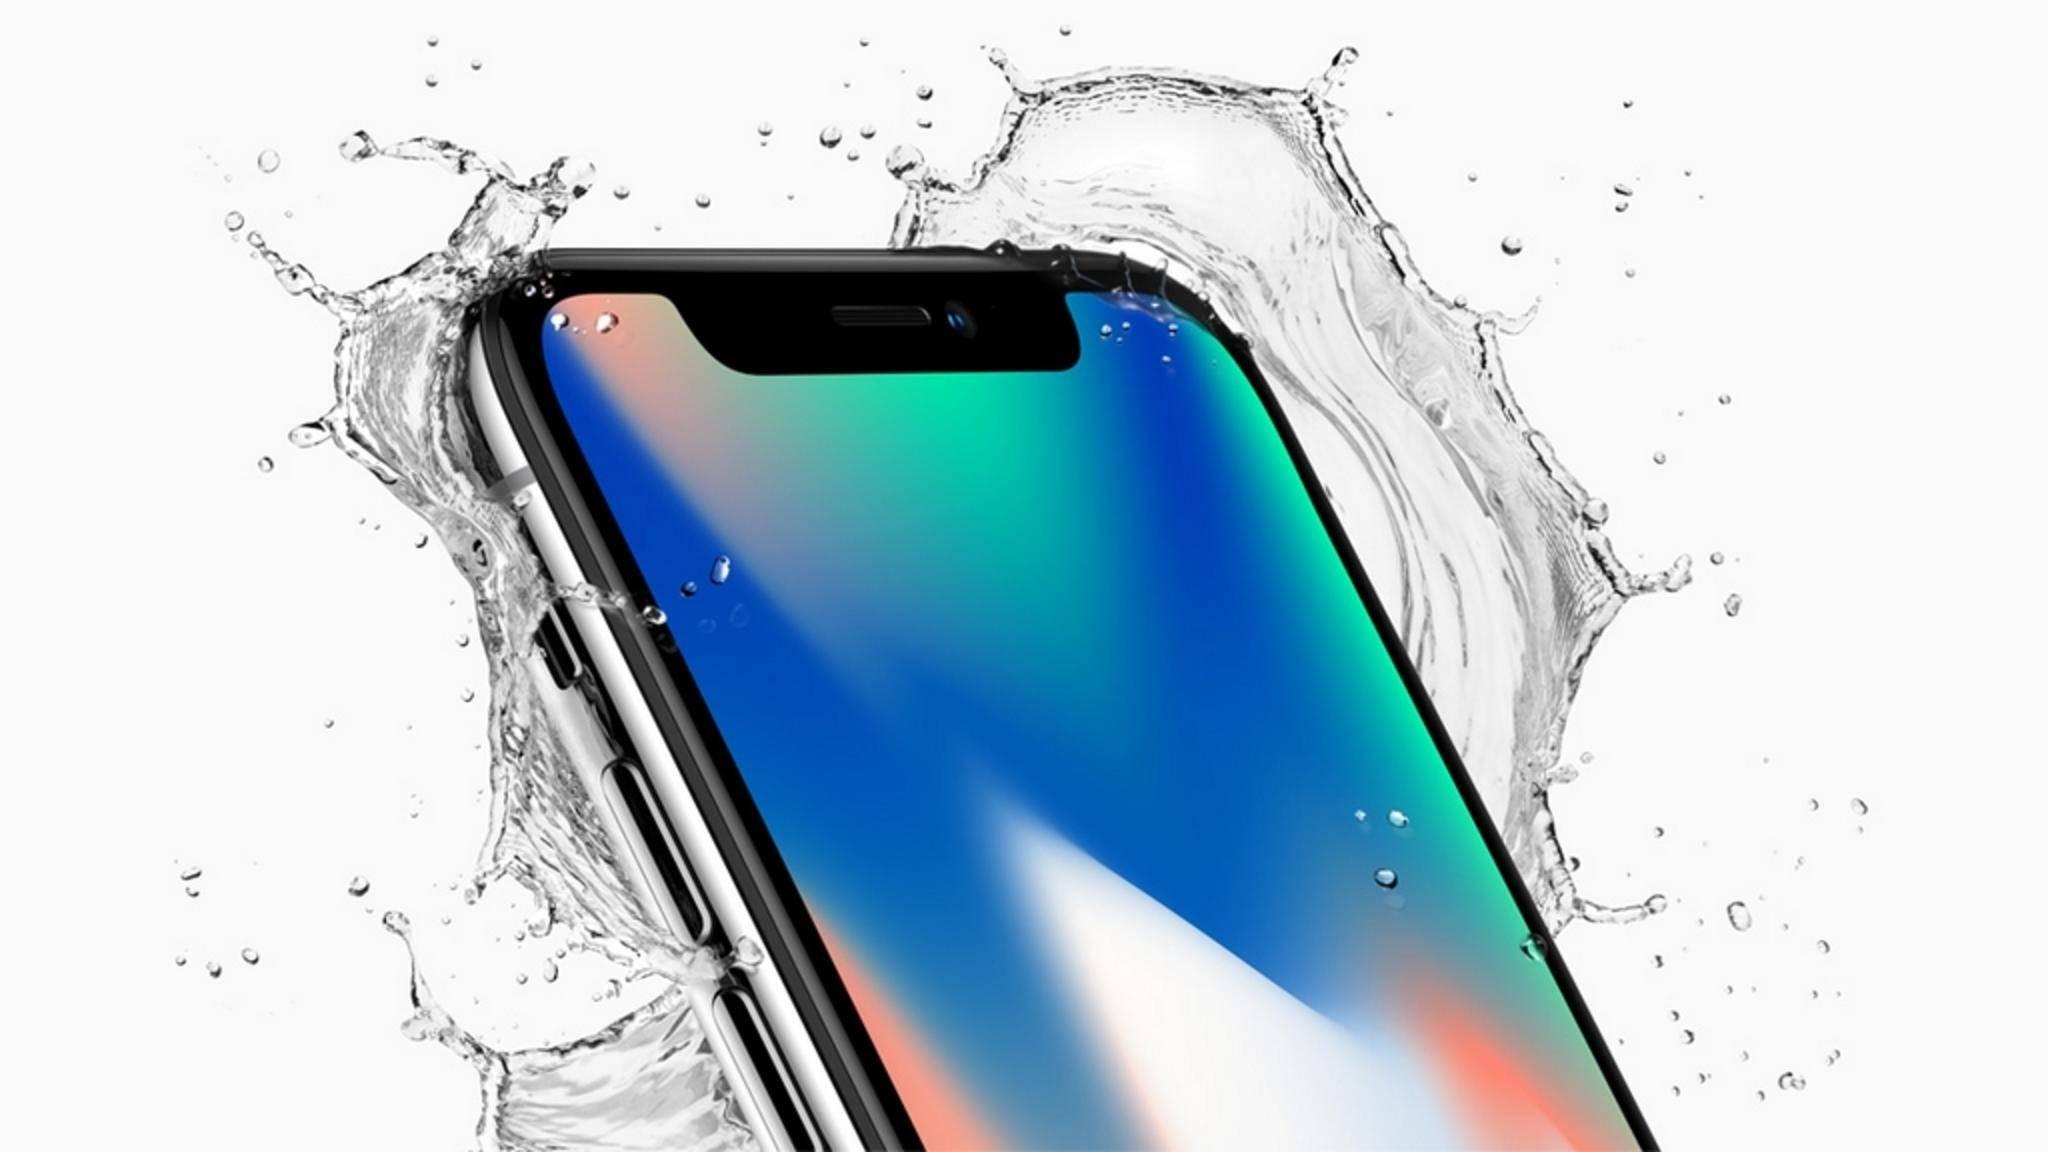 Über 1000 Euro sind für viele Dinge gut, die kein iPhone X sind.